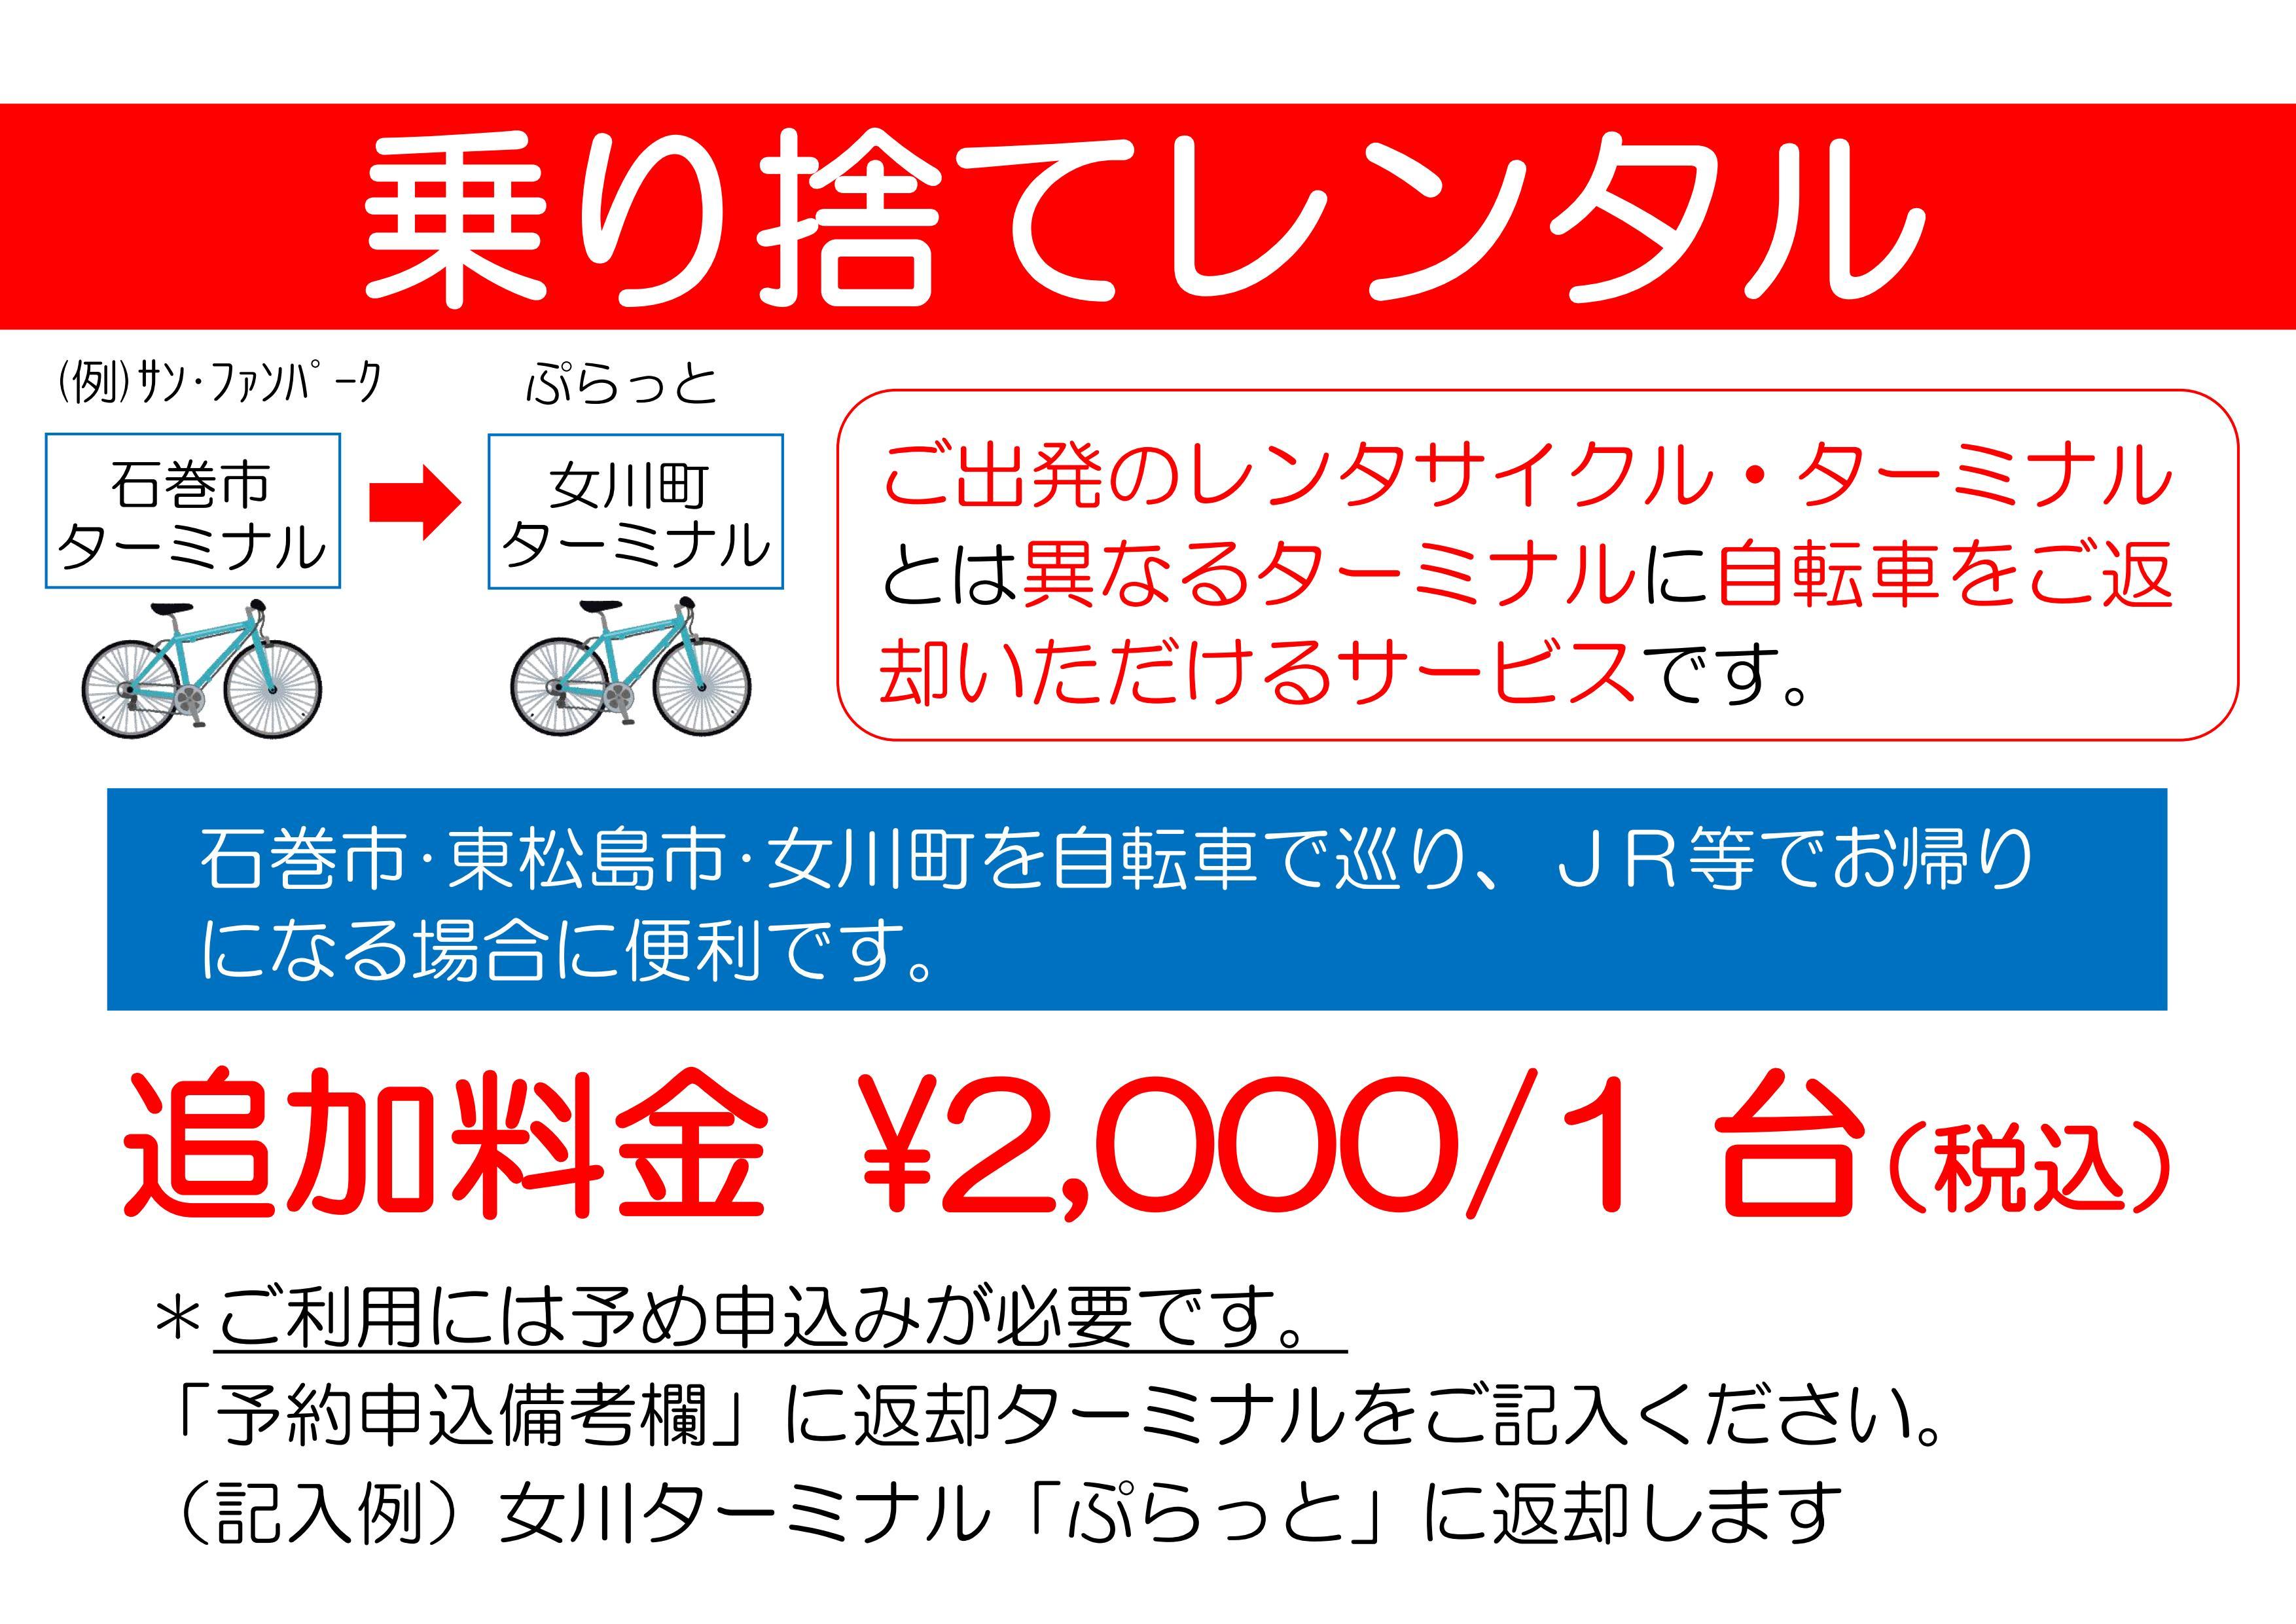 【東松島市】あおみな 女性XSタイプ 1日1台限定【コース番号:80703】